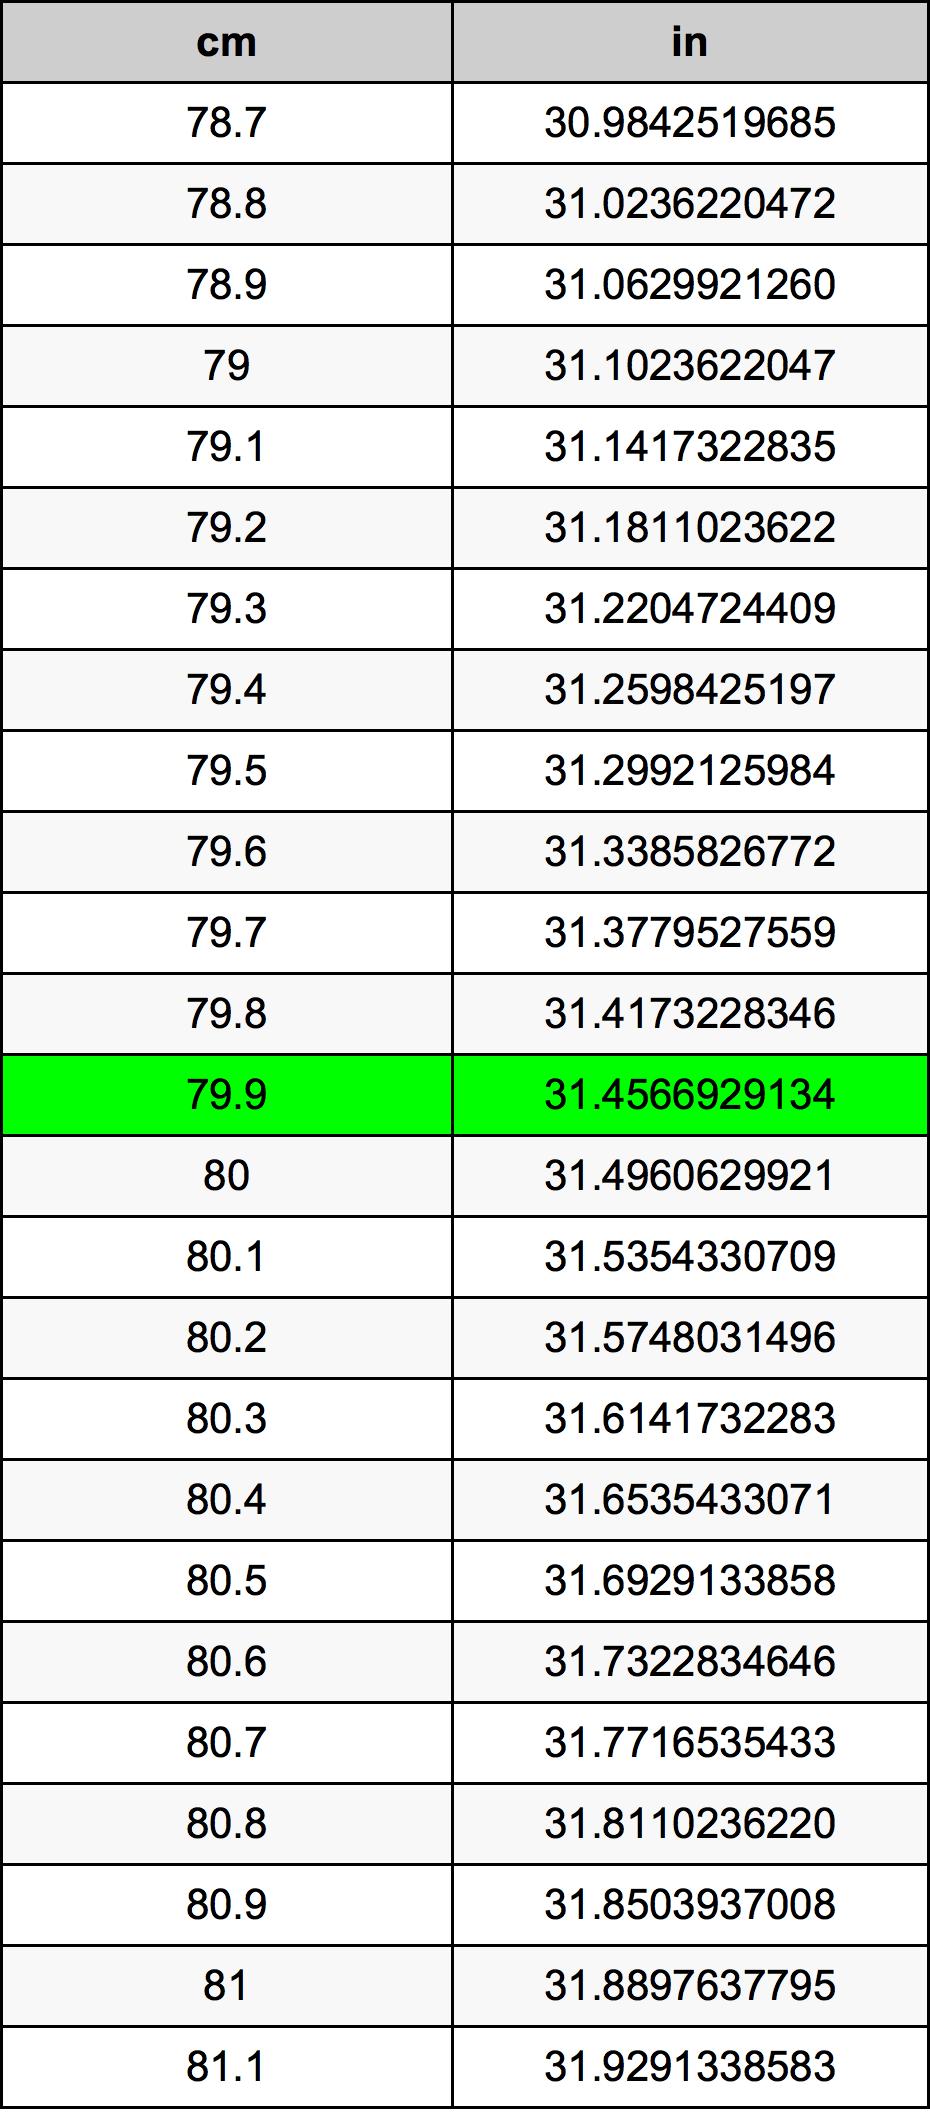 79.9 Centimeter conversietabel